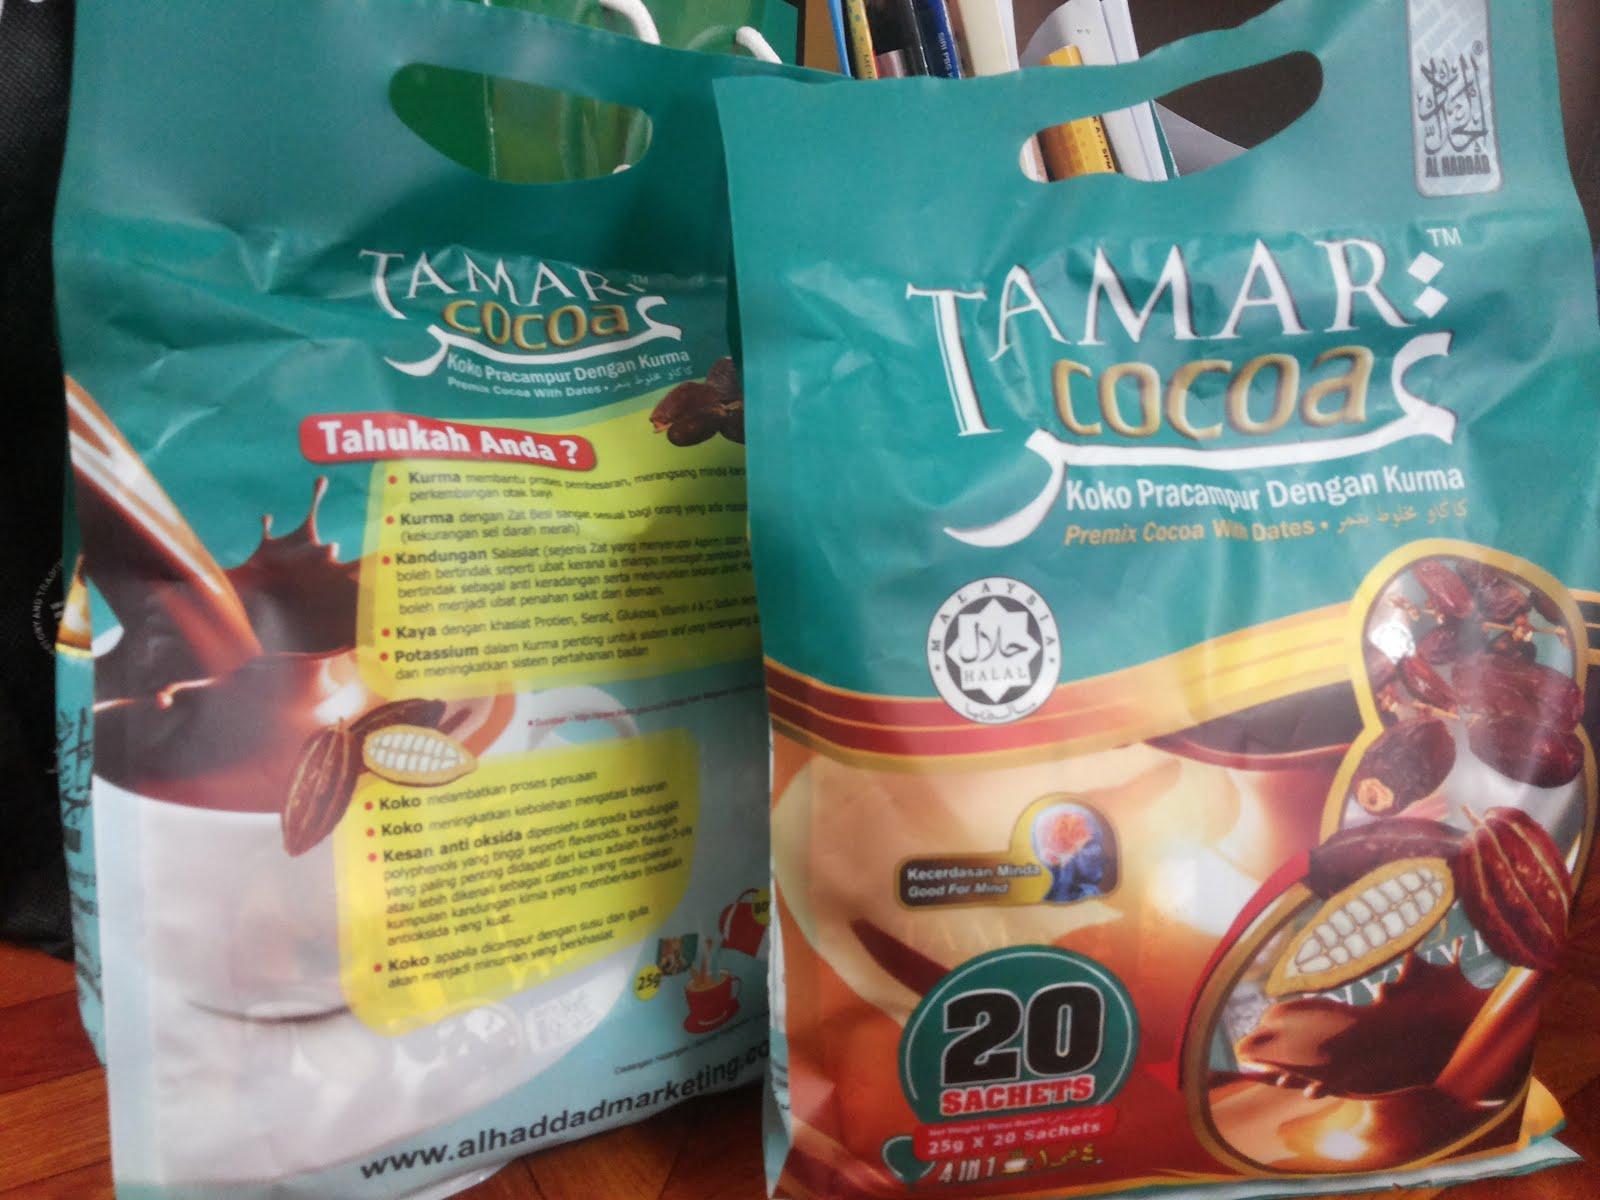 Tammar Cocoa